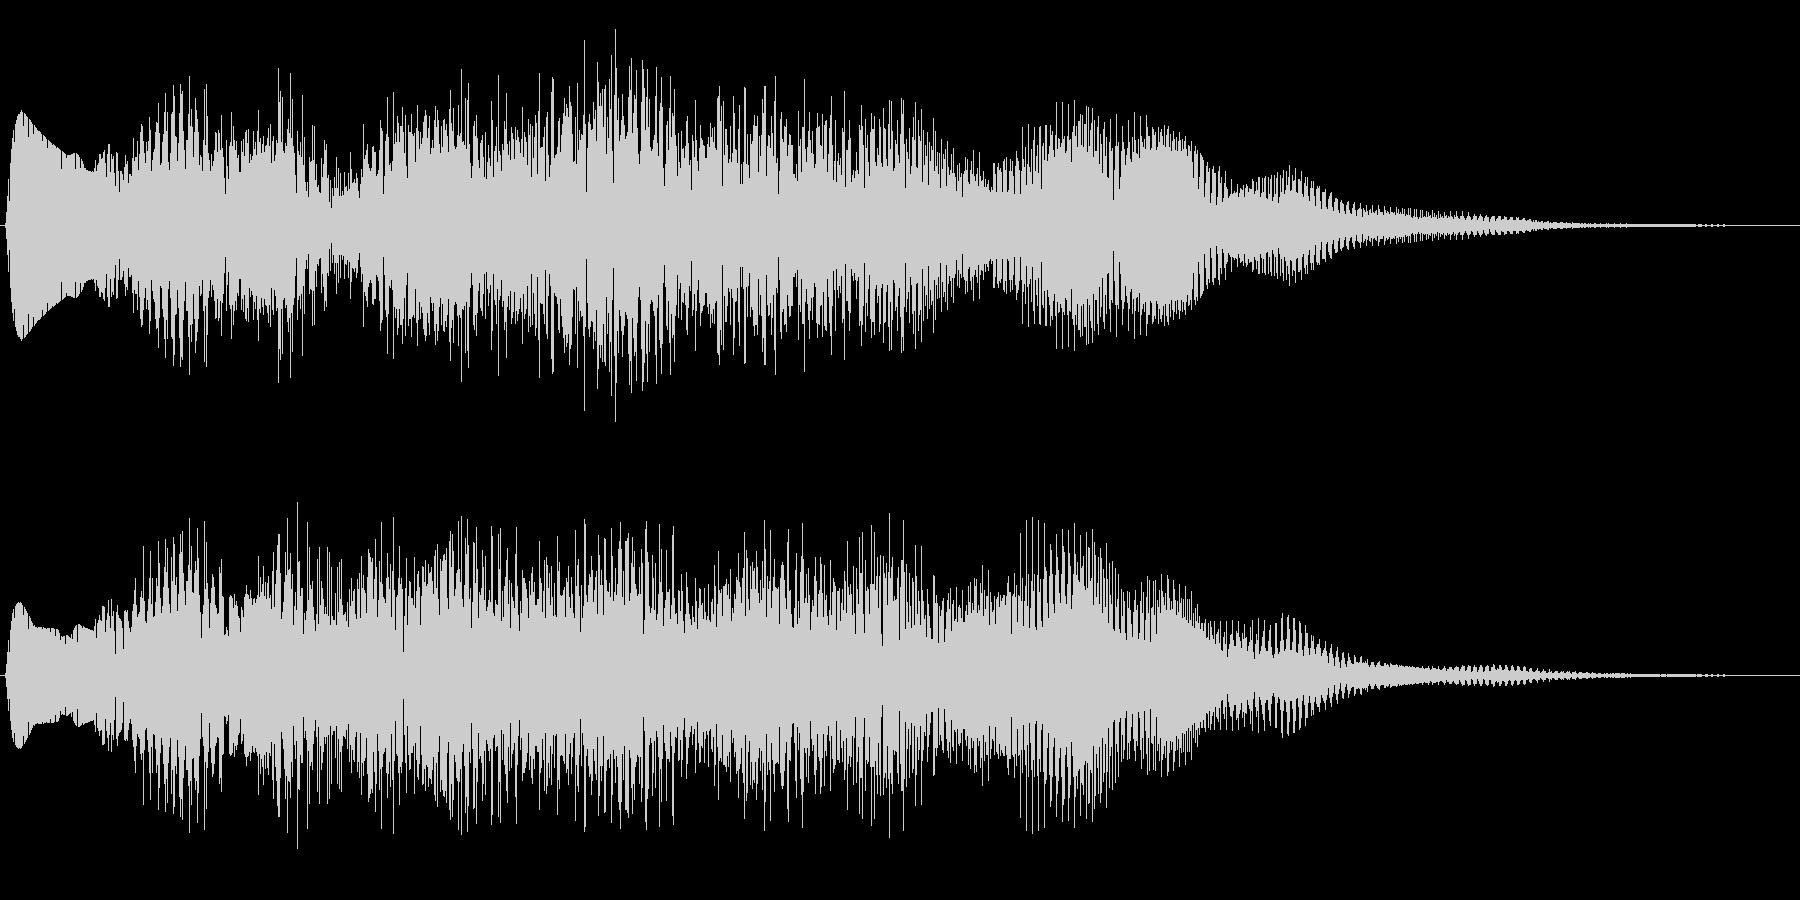 サウンドロゴ(温もり、アジア)の未再生の波形